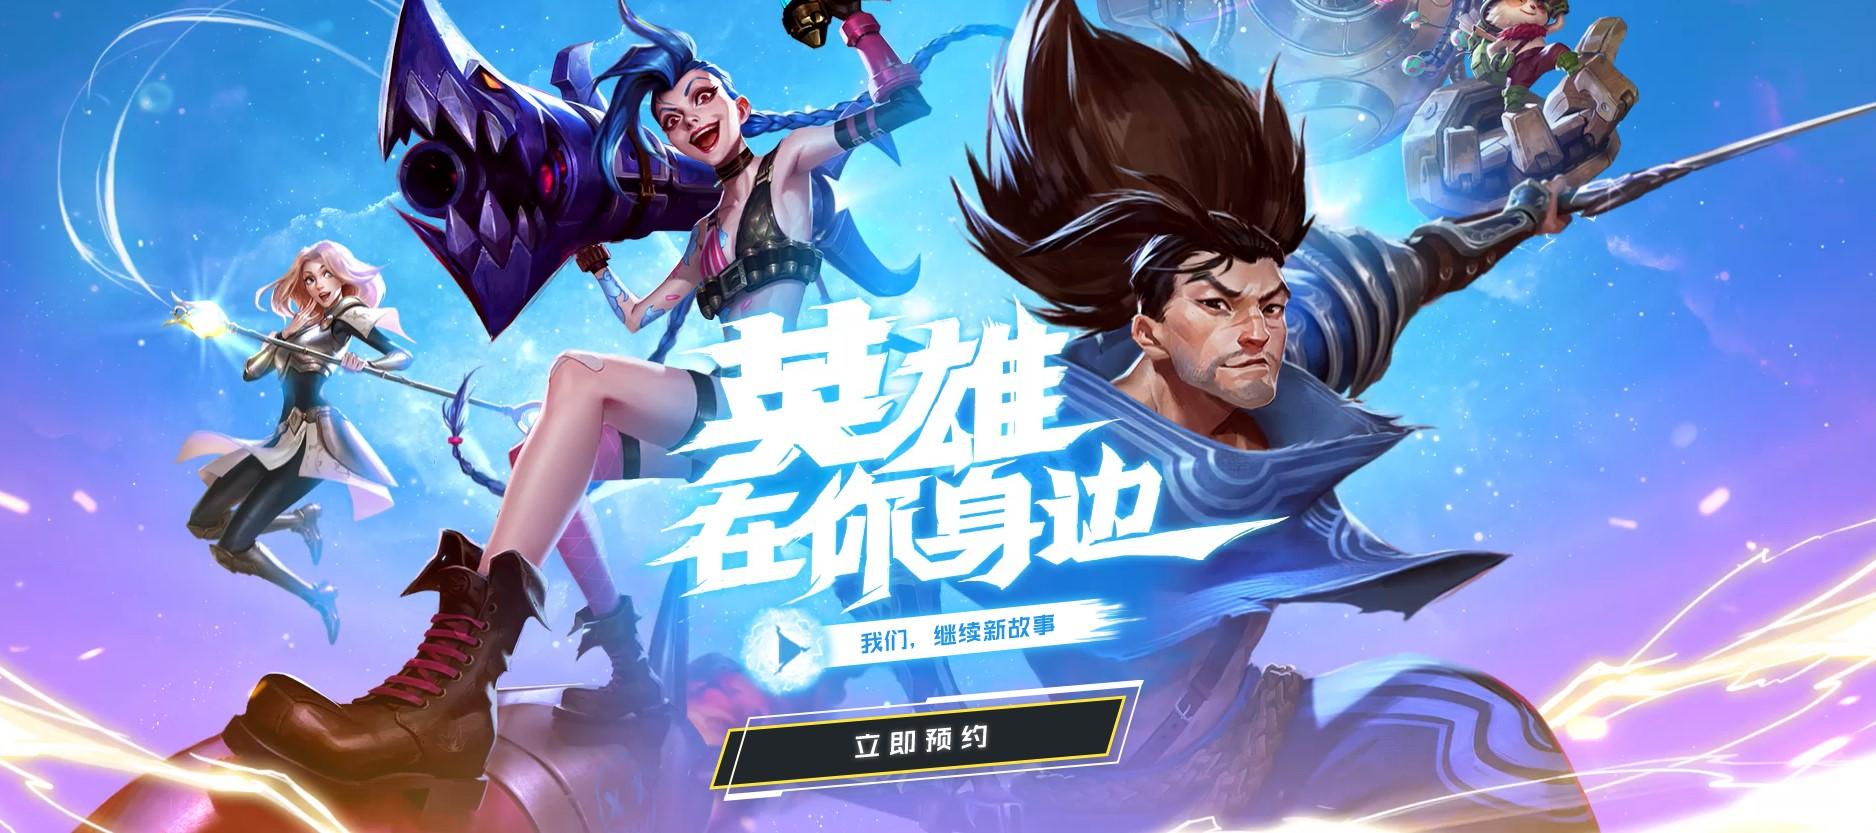 《英雄联盟》手游官网正式上线!十年陪伴无限热爱